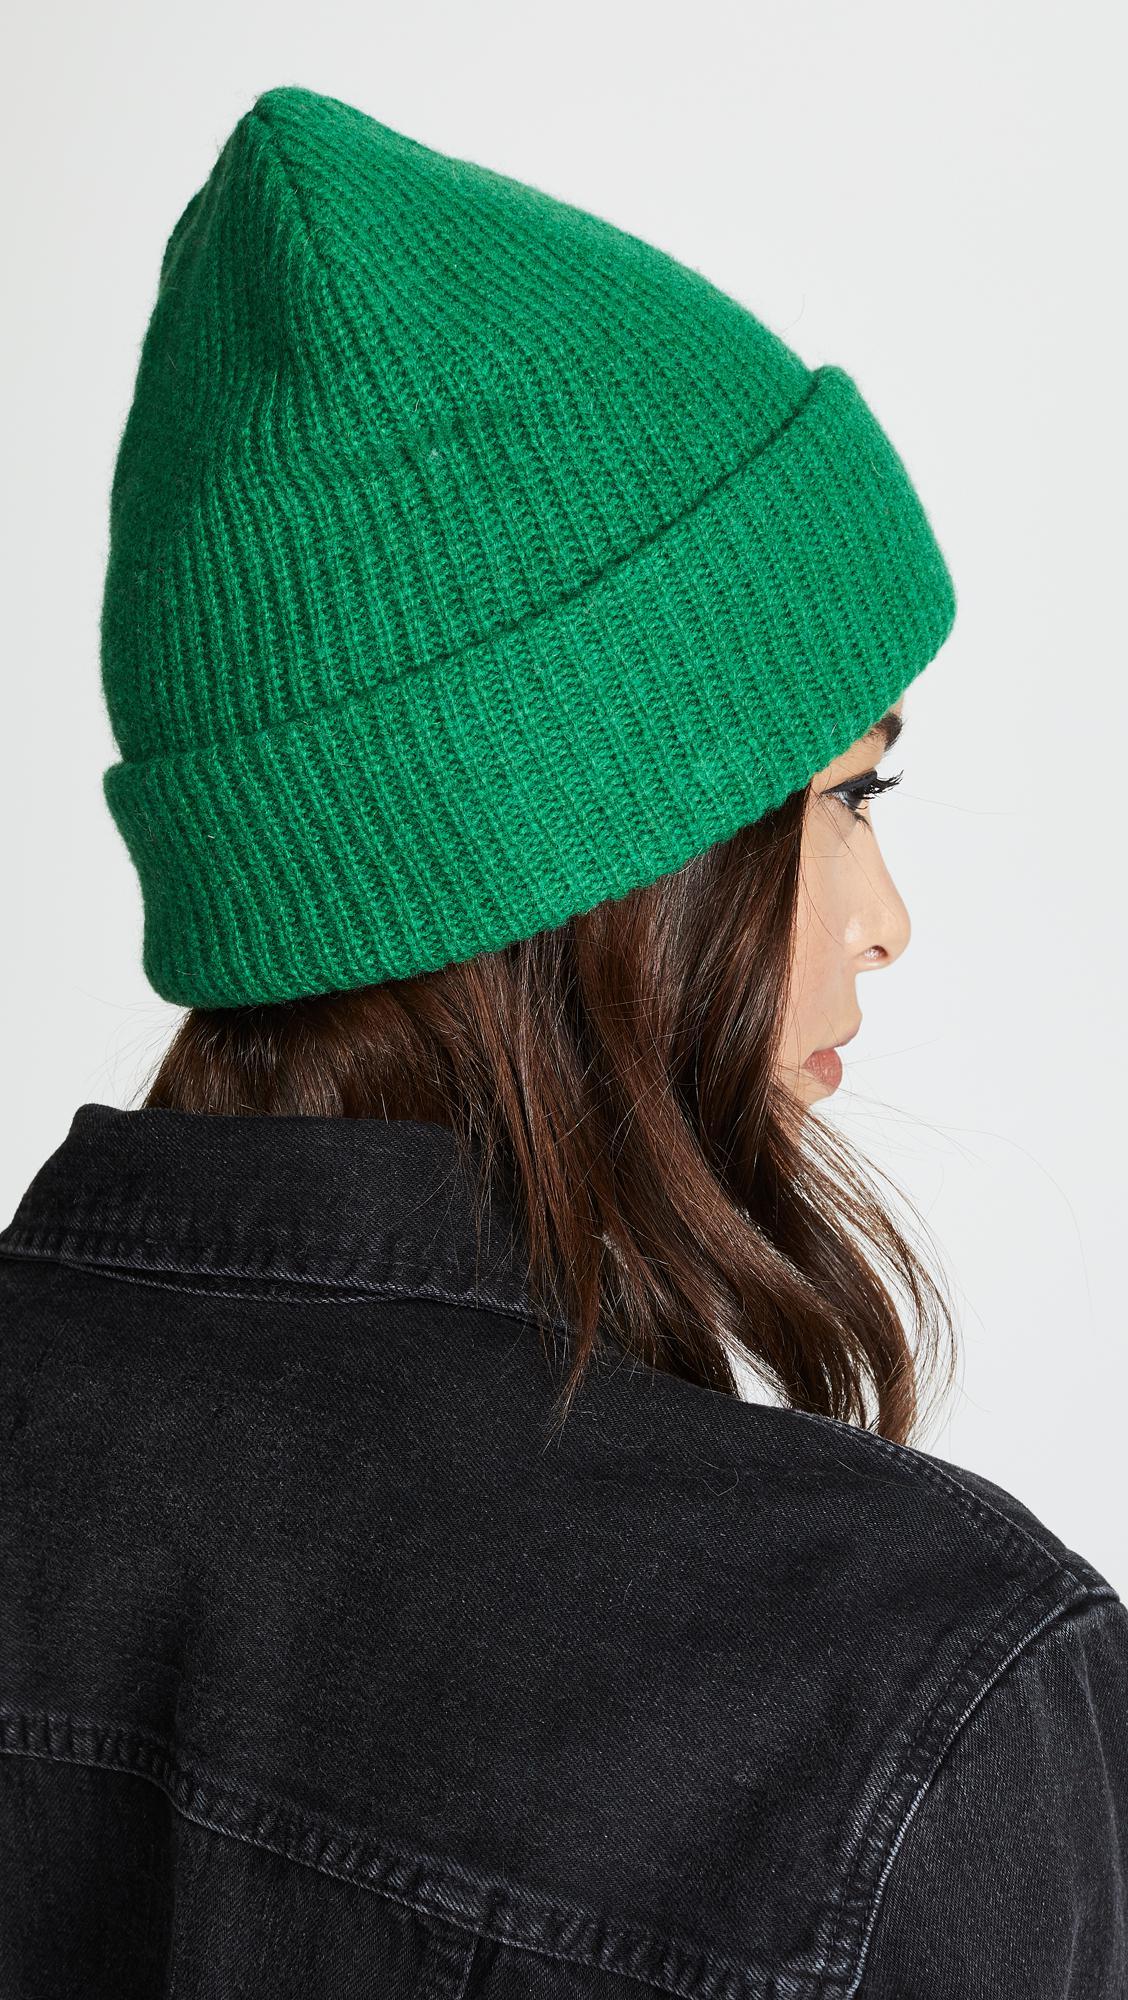 Lyst - Ganni Hatley Knit Hat 4cdc25f96cc